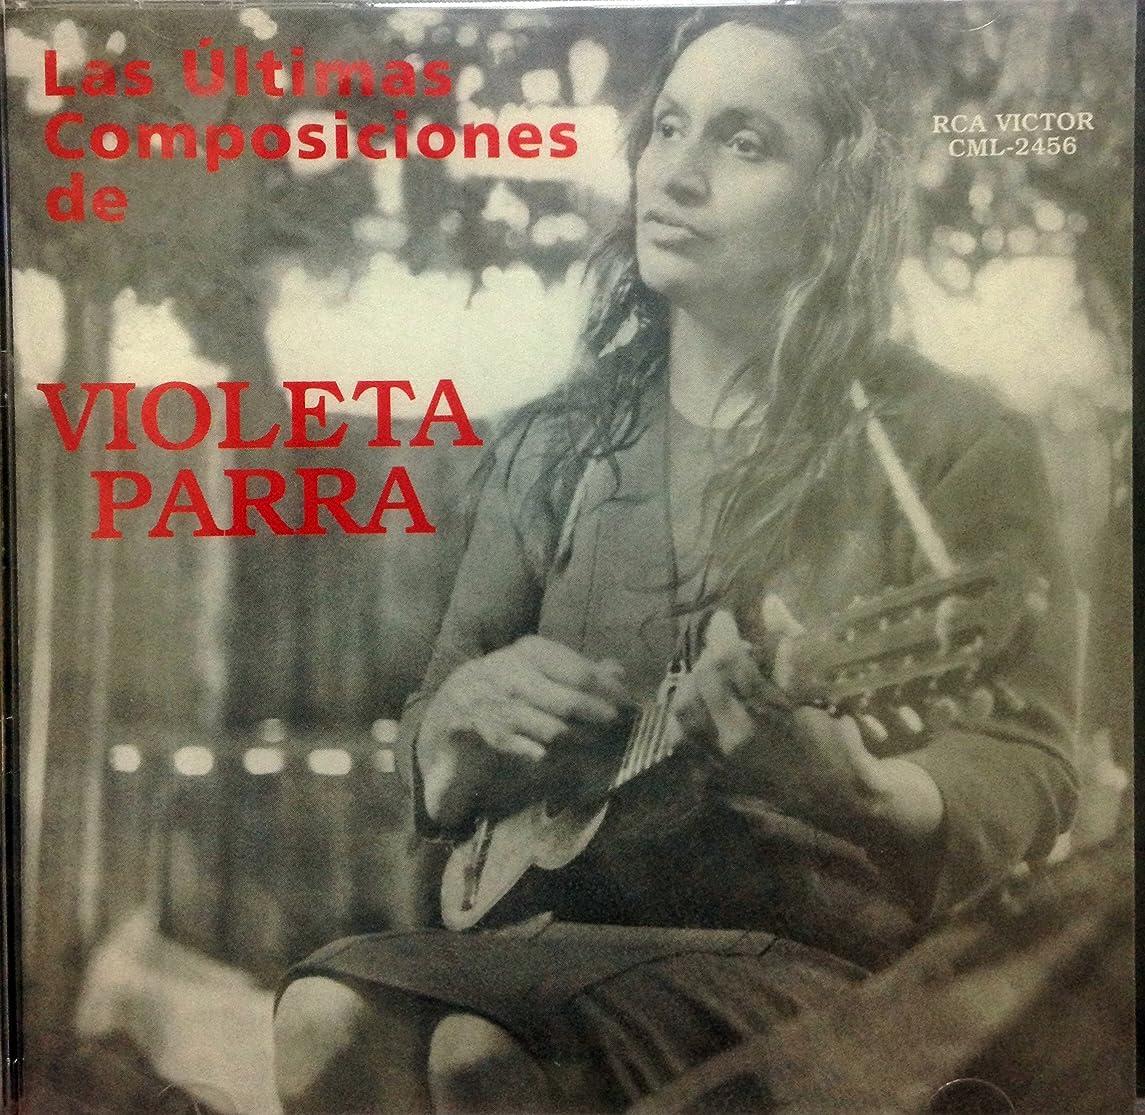 Las Ultimas Composiciones De Violeta Parra